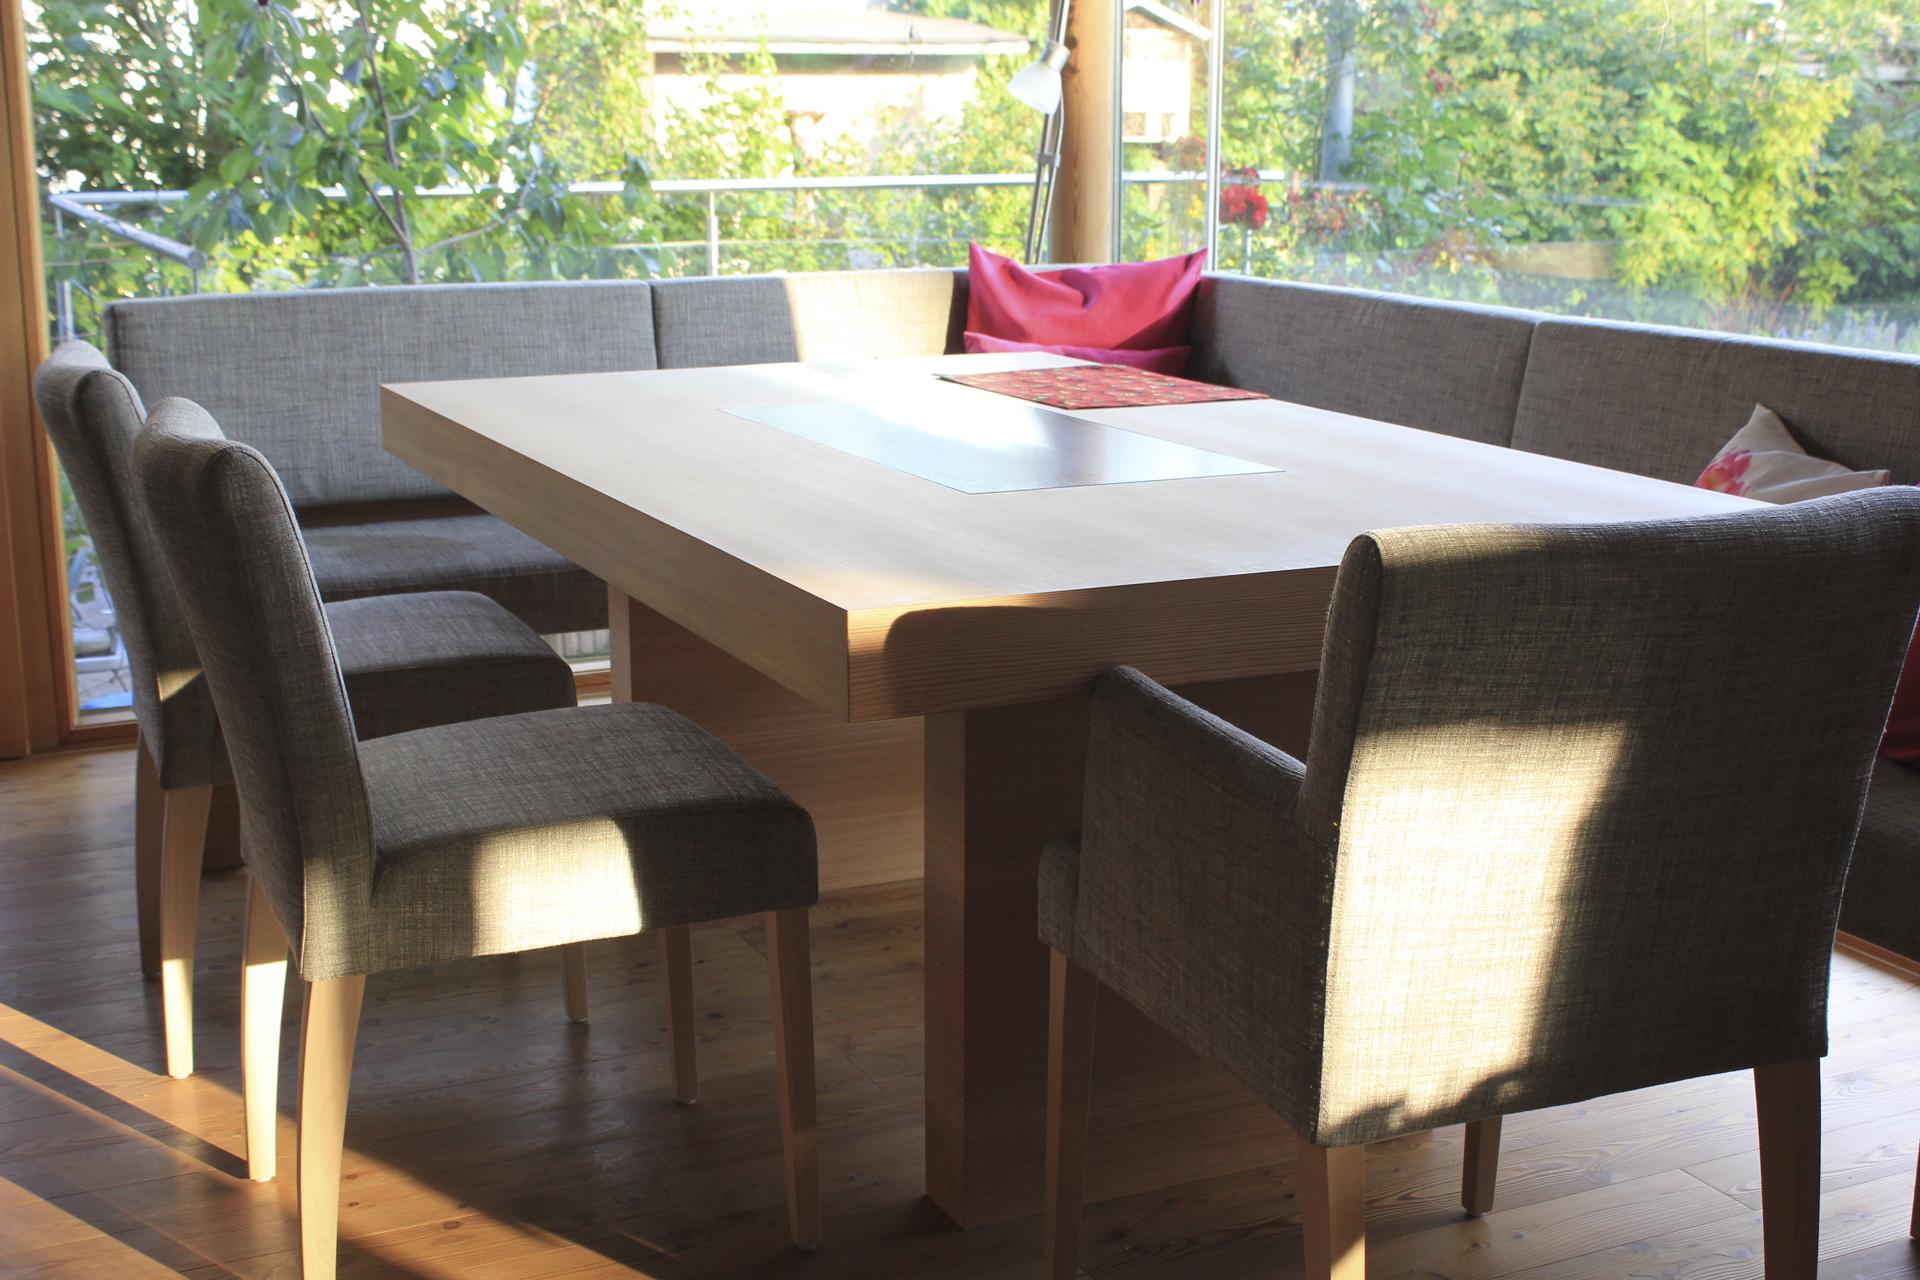 tischlerei-decker-wohnhaus-hofpgarten-interior-esstisch